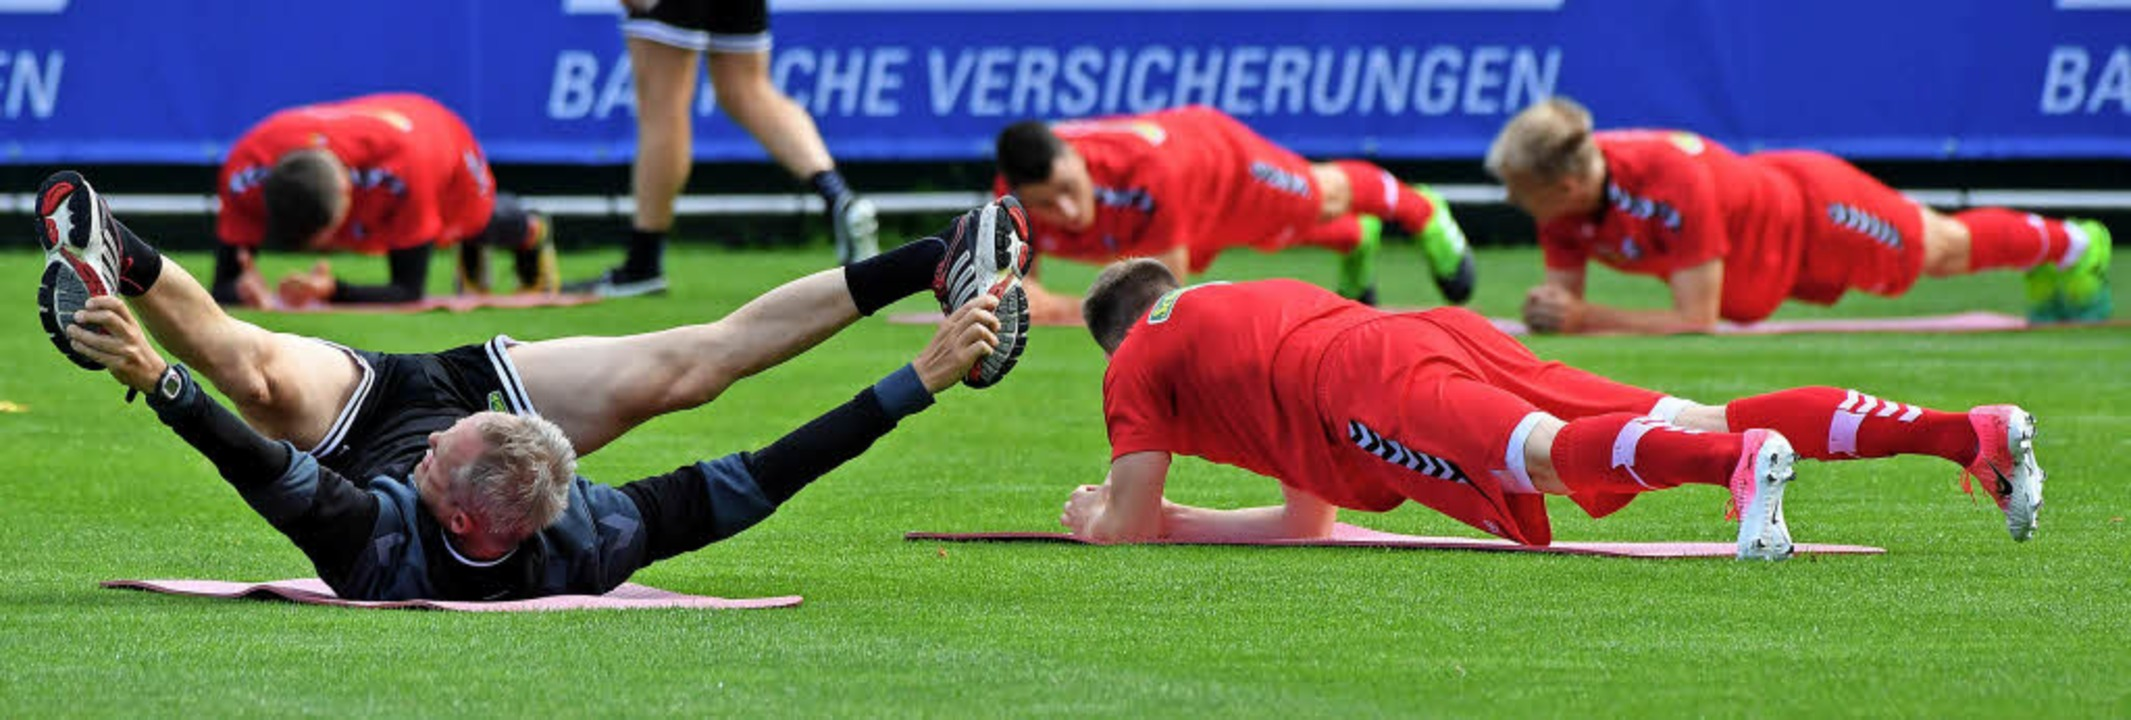 Christian Streich und seine Kicker  re... Vorbereitung auf kommenden Aufgaben.     Foto:  DPA